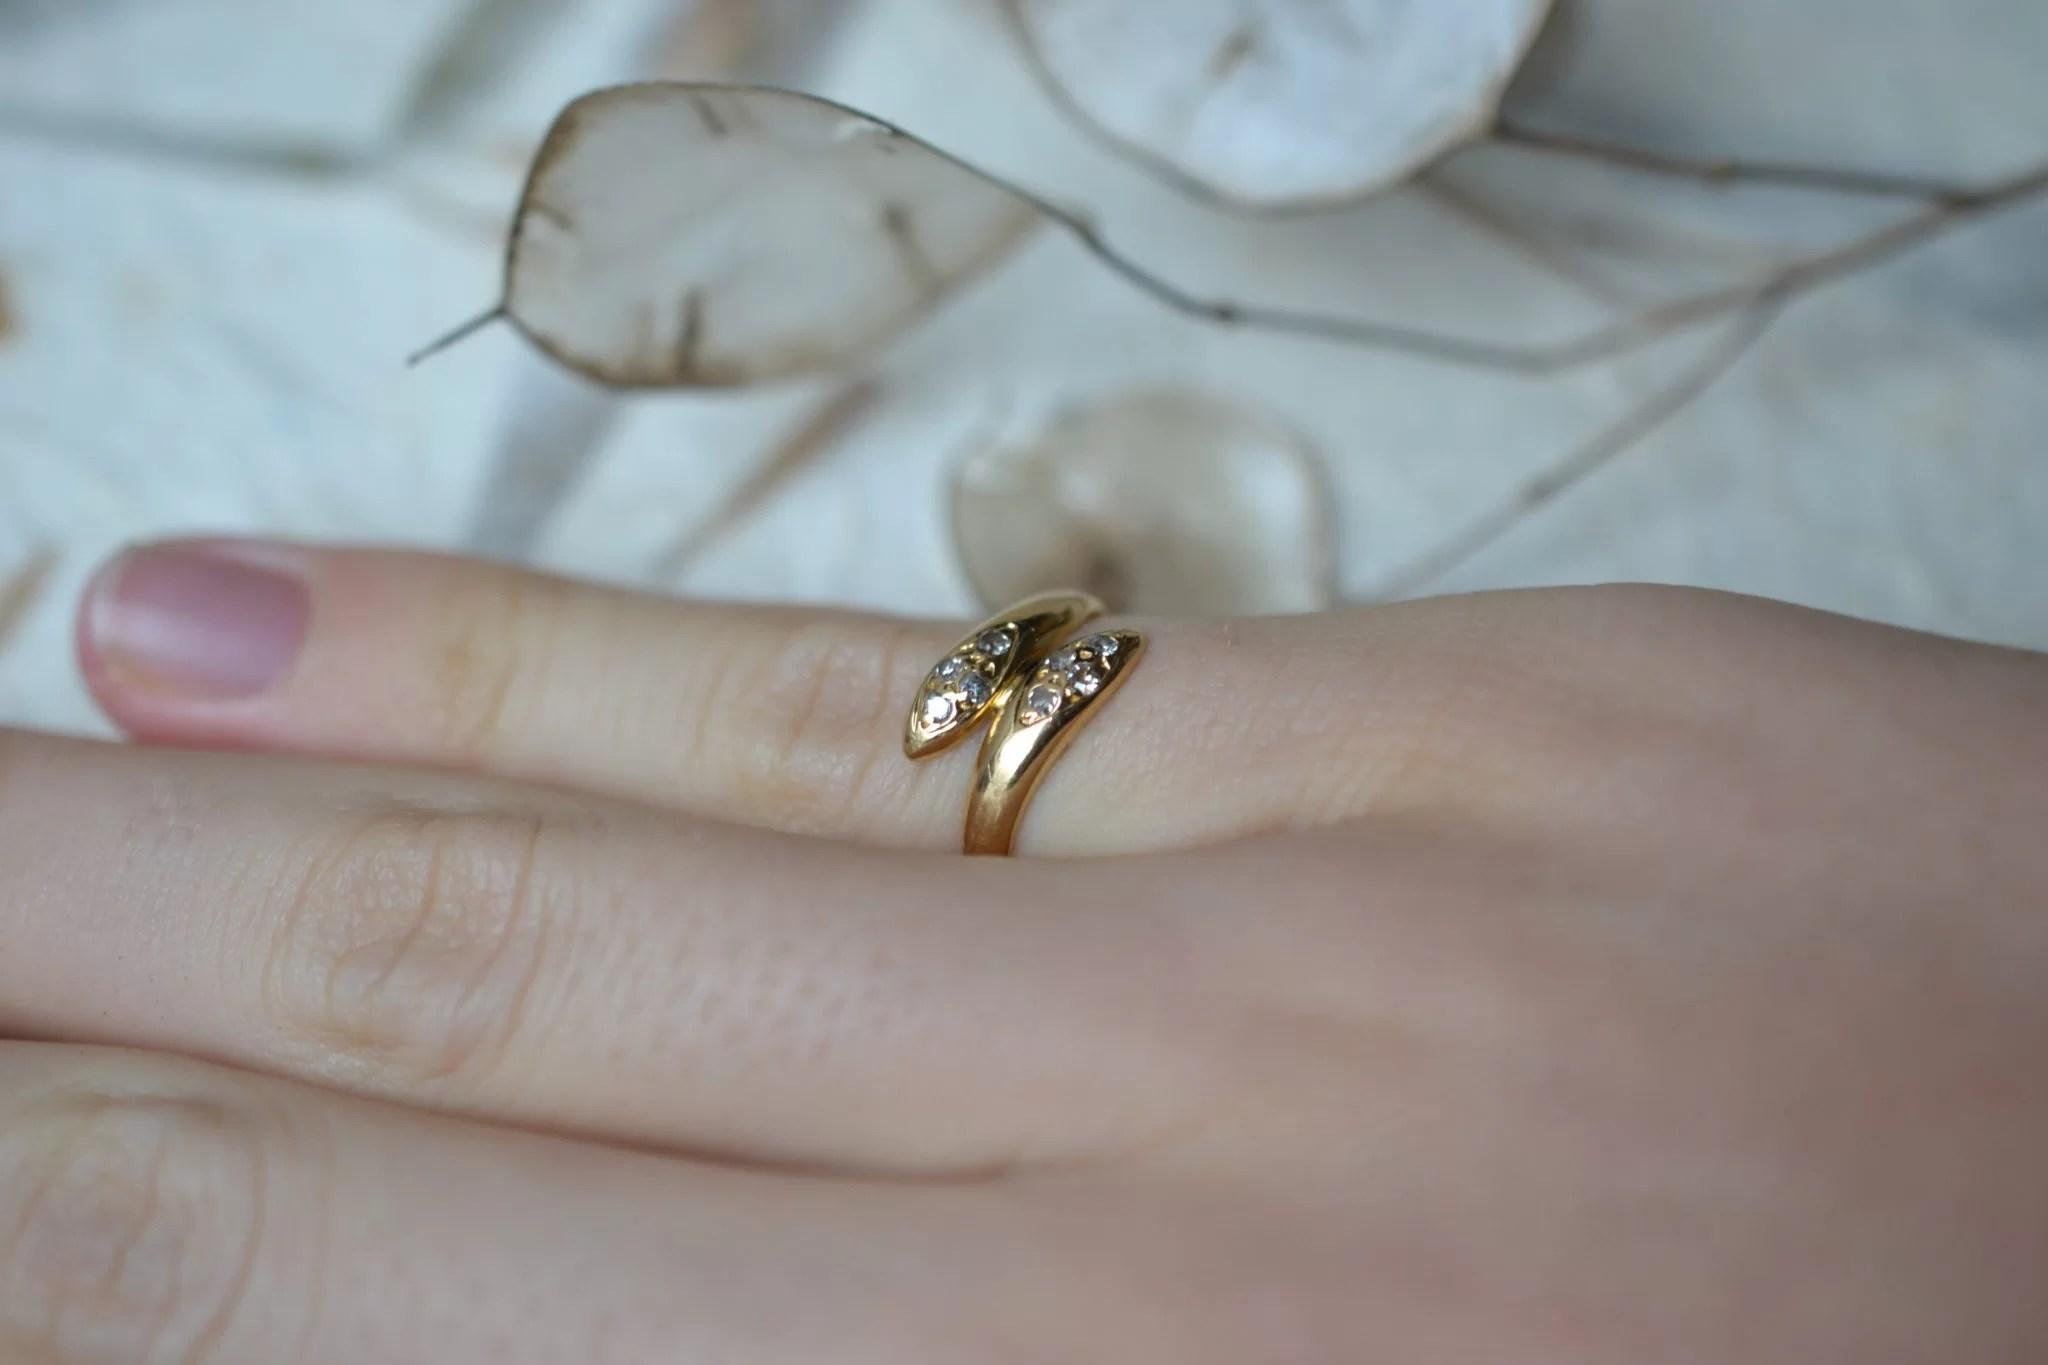 Bague de petit doigt en forme de serpents entrelacés en Or jaune ornée de 8 diamants bijou vintage